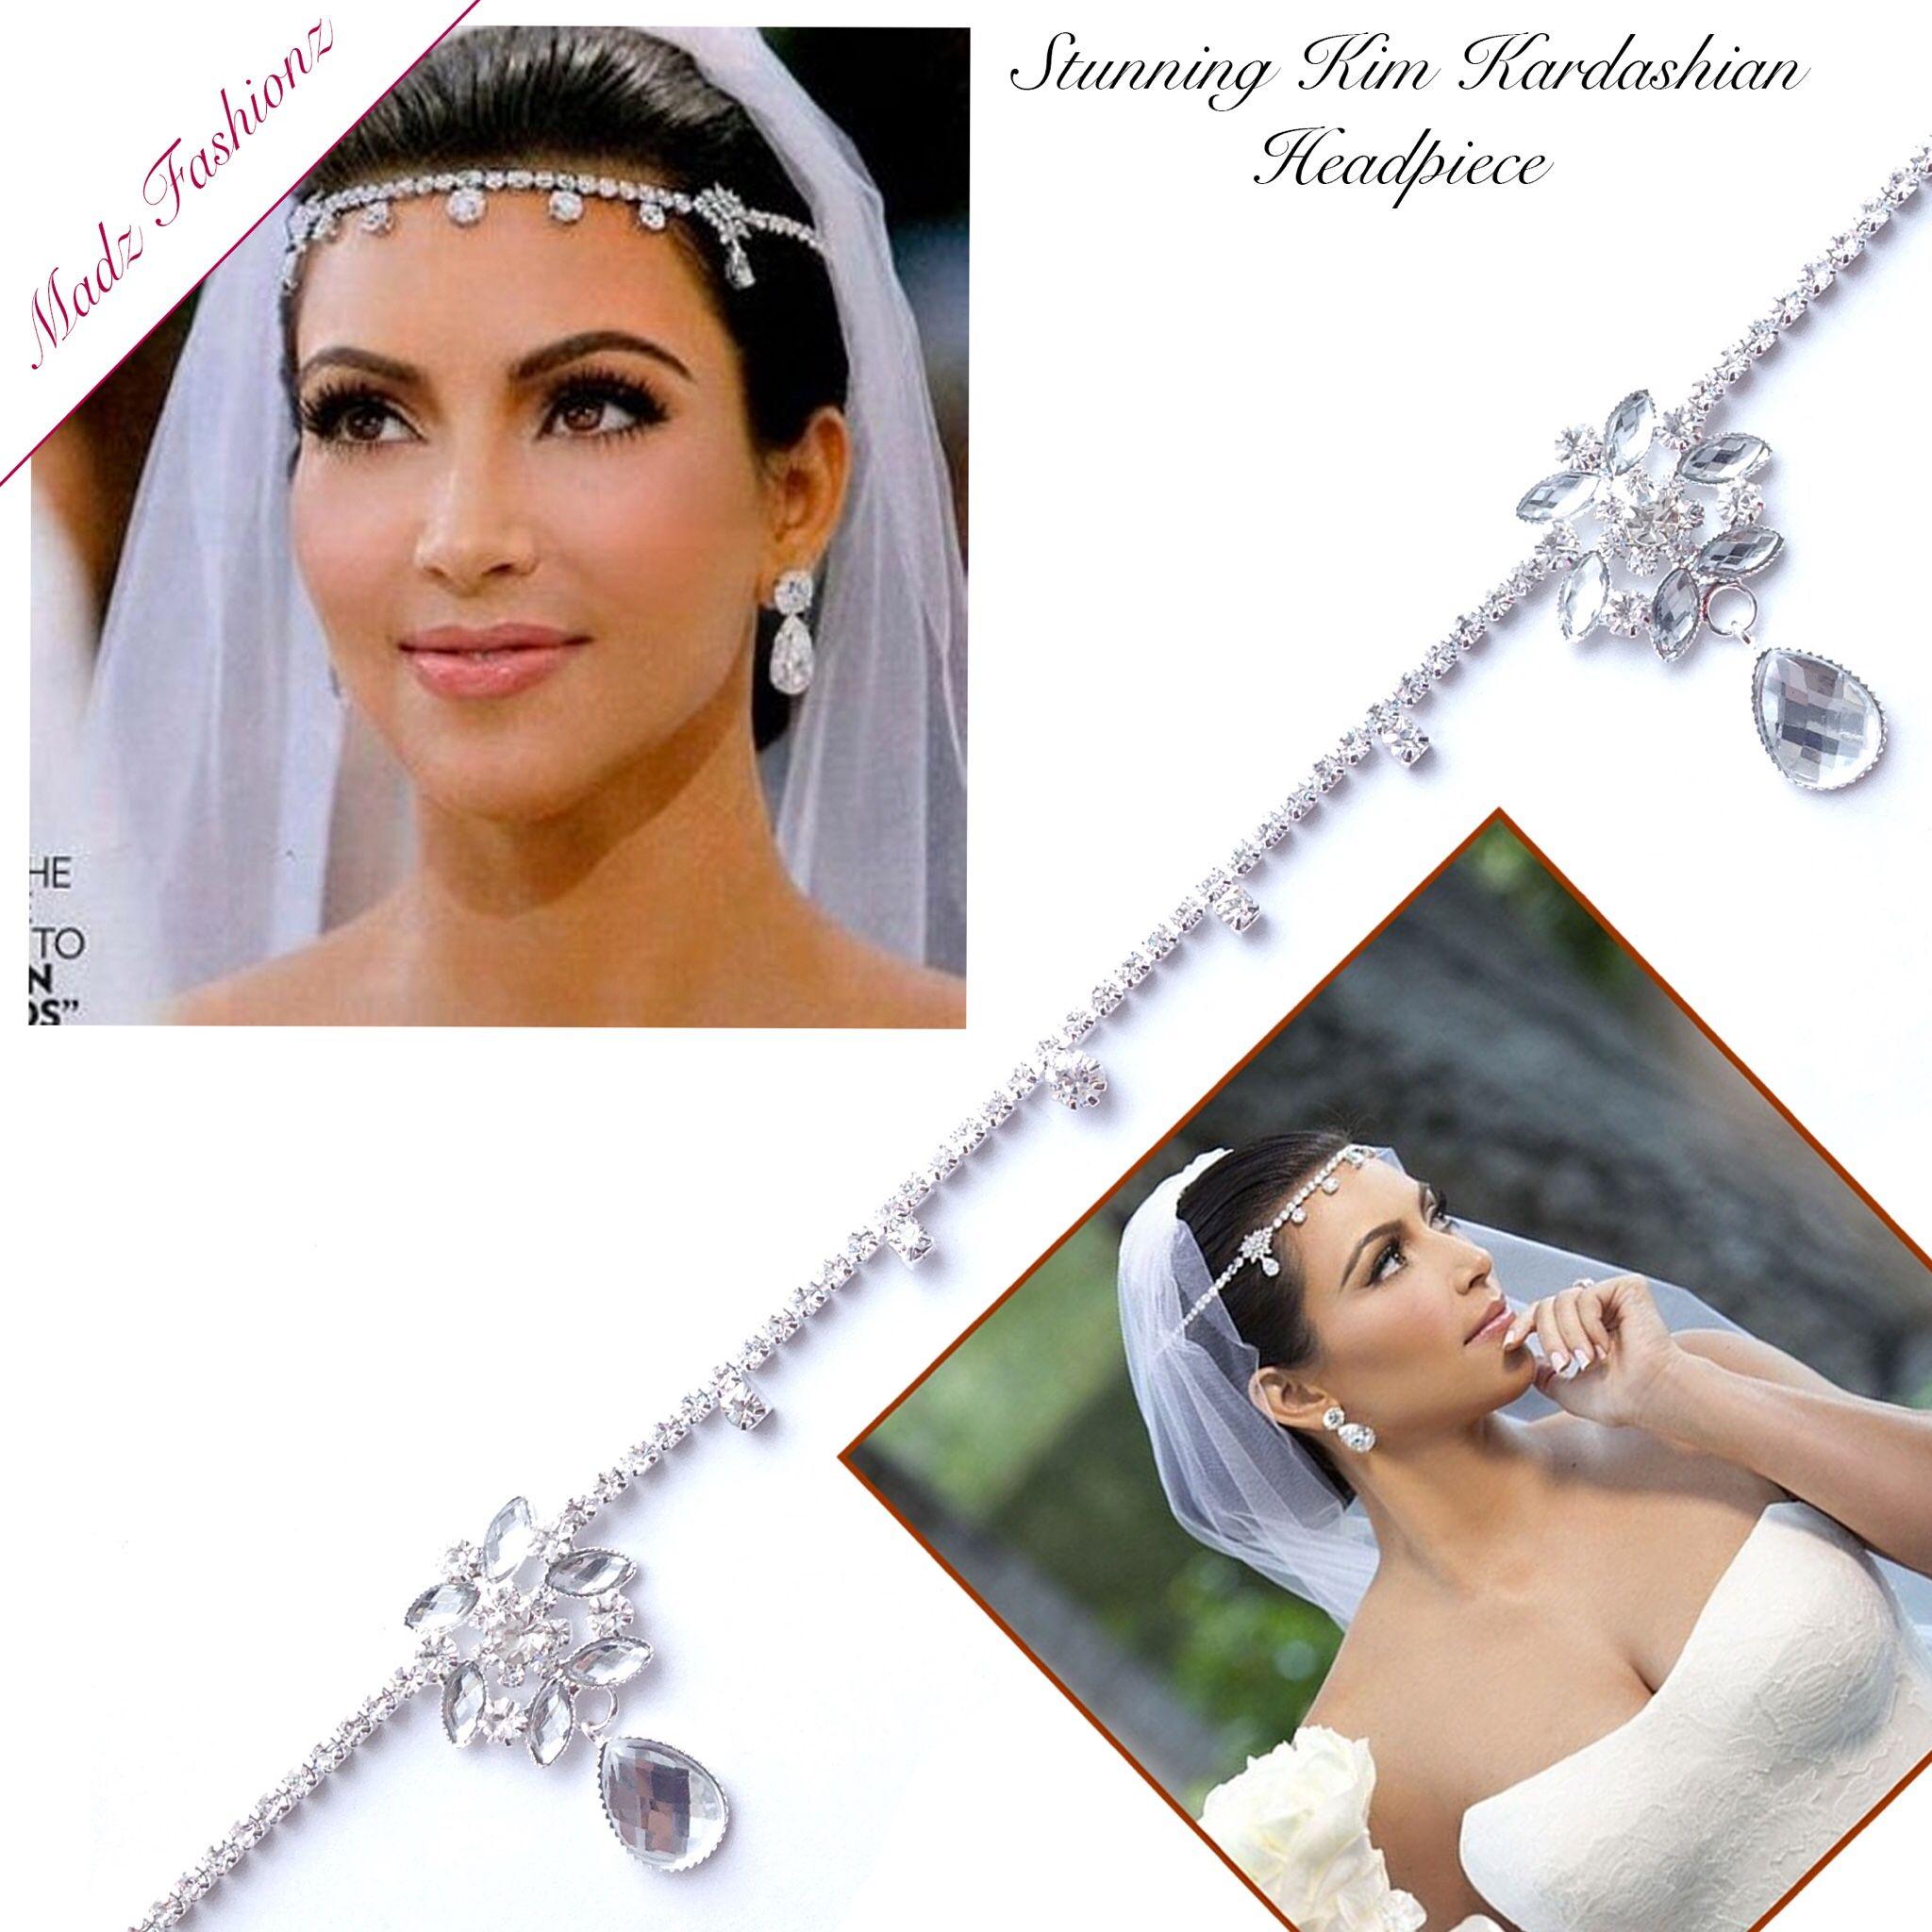 Kim Kardashian Hair Jewelry Inspired Wedding Bridal Headpiece Tiara Accessory Silver Ready To Ship Headwear By MadZFashionZ On Etsy